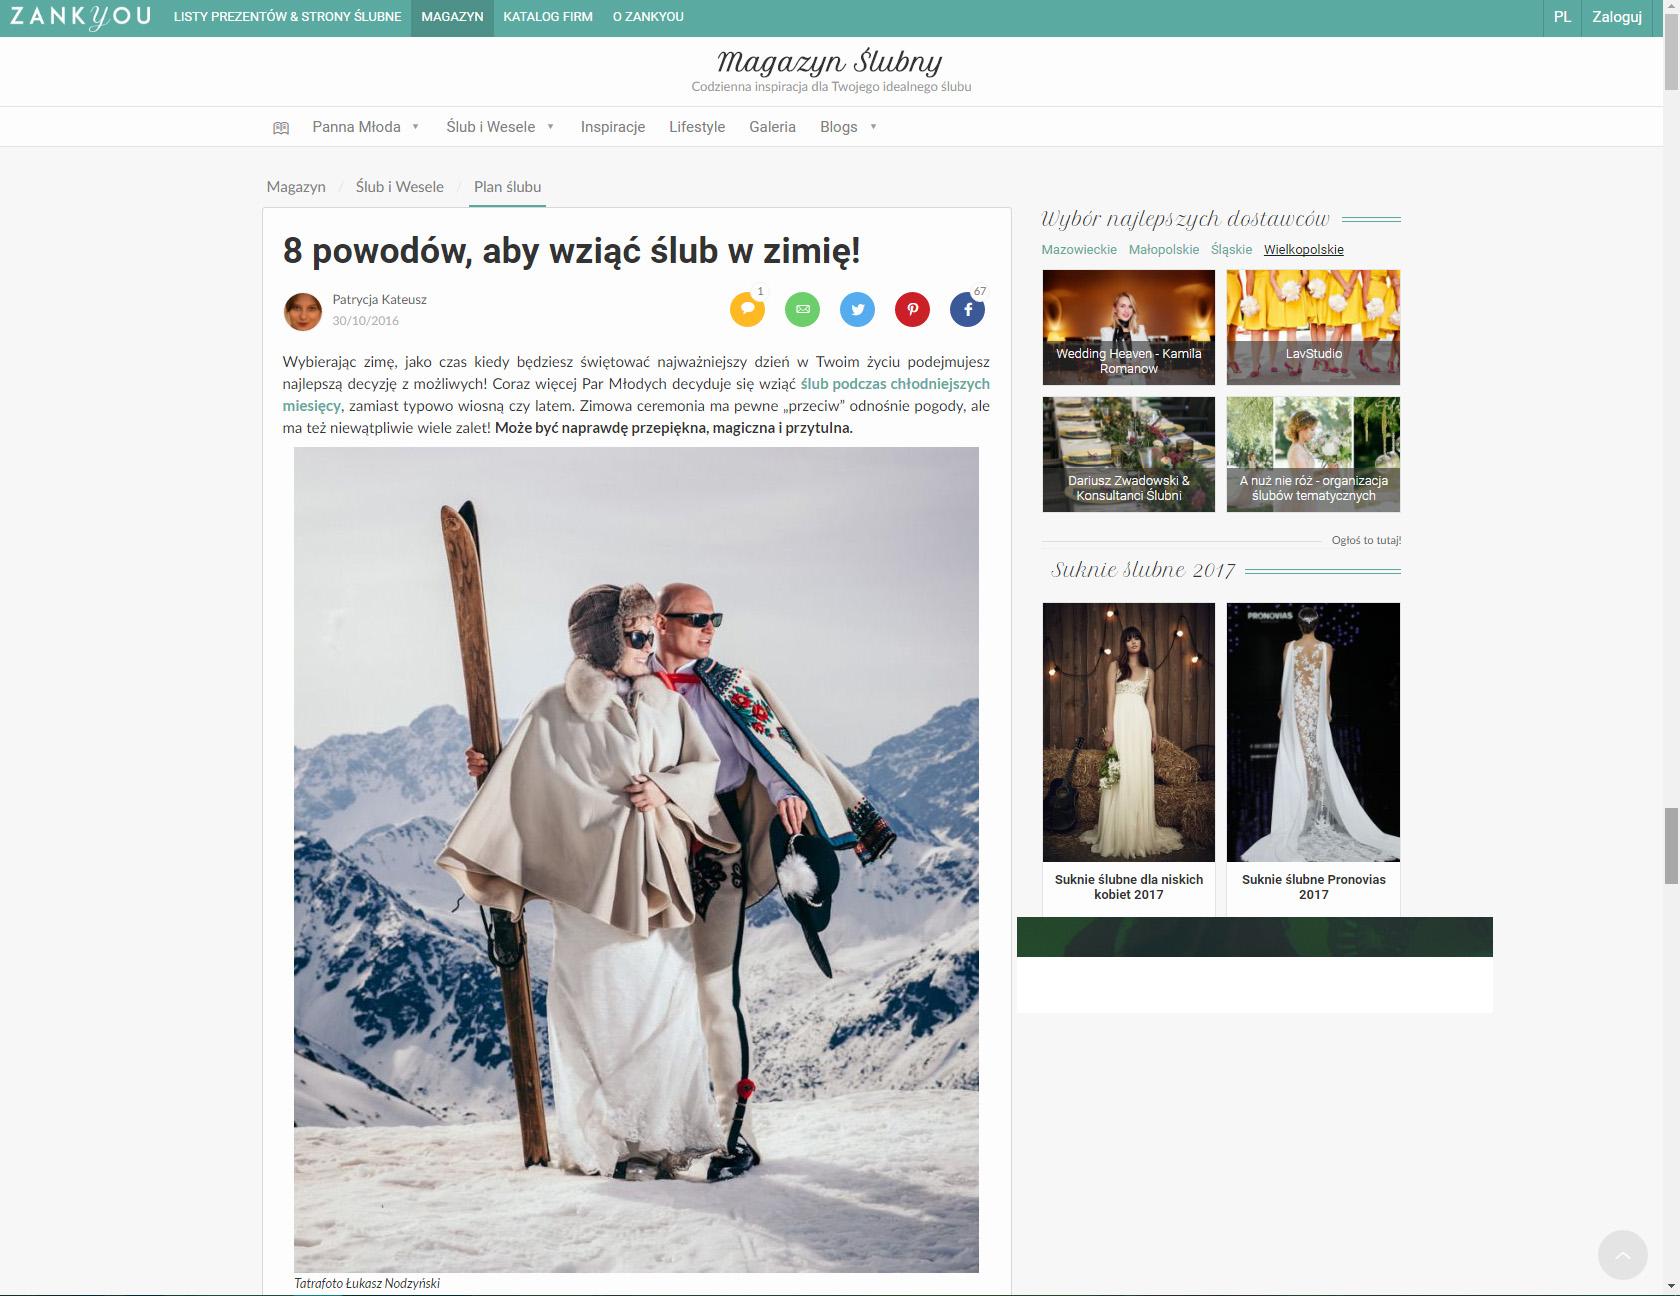 8 powodów, aby wziąć ślub w zimie!